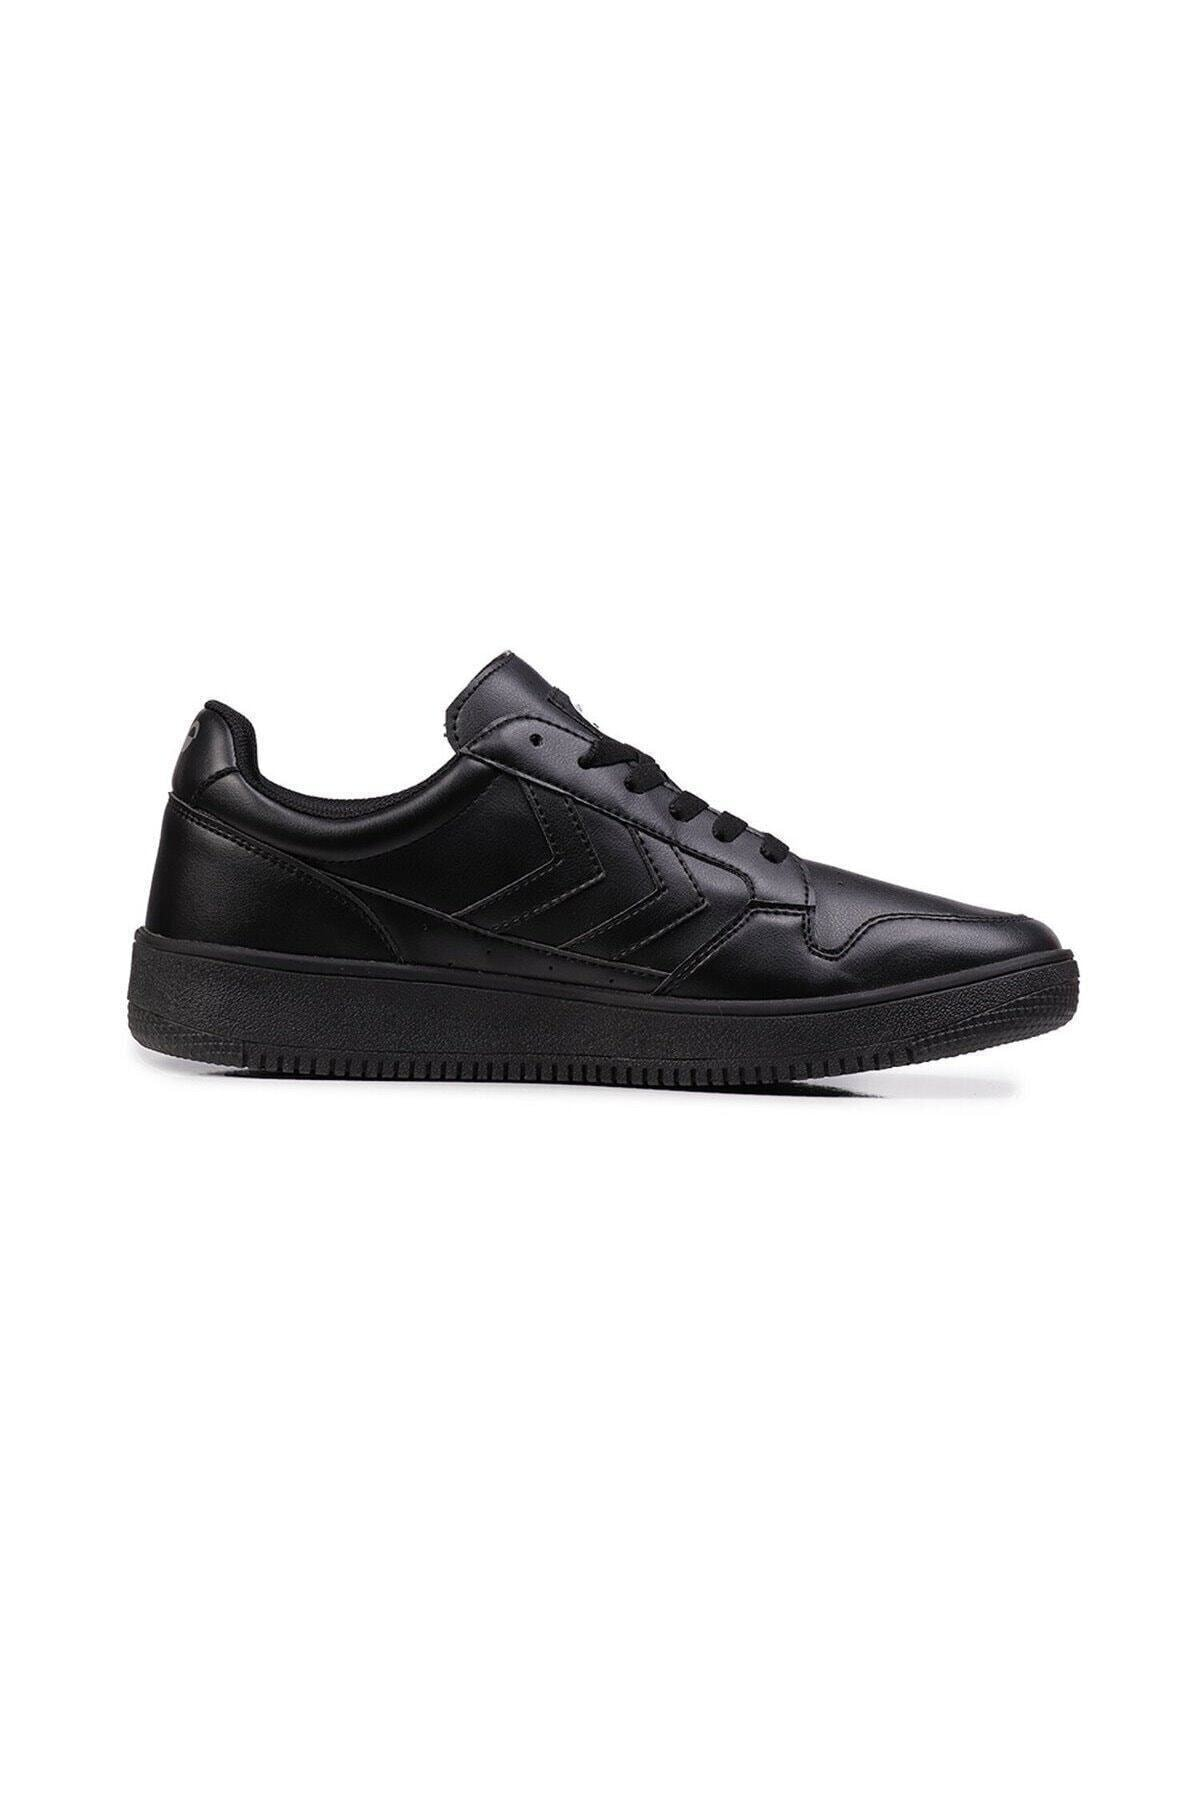 HUMMEL NIELSEN SNEAKER Siyah Erkek Sneaker Ayakkabı 100490263 2